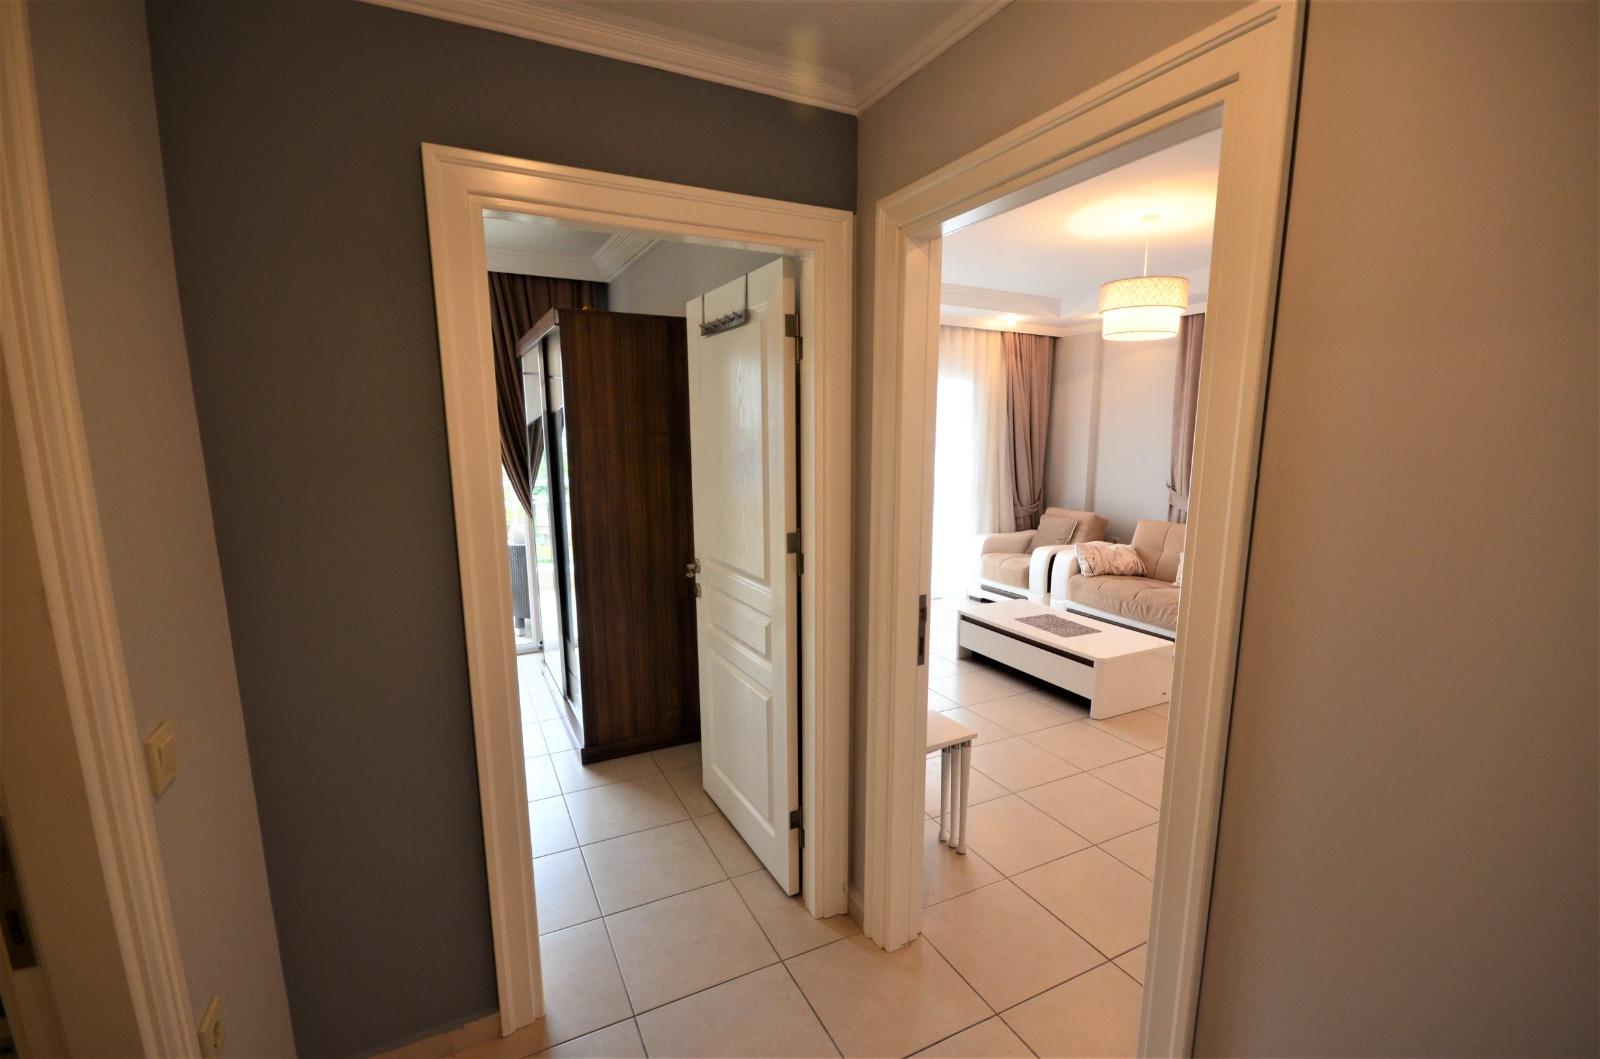 Двухкомнатная квартира с мебелью и бытовой техникой в районе Тосмур - Фото 3